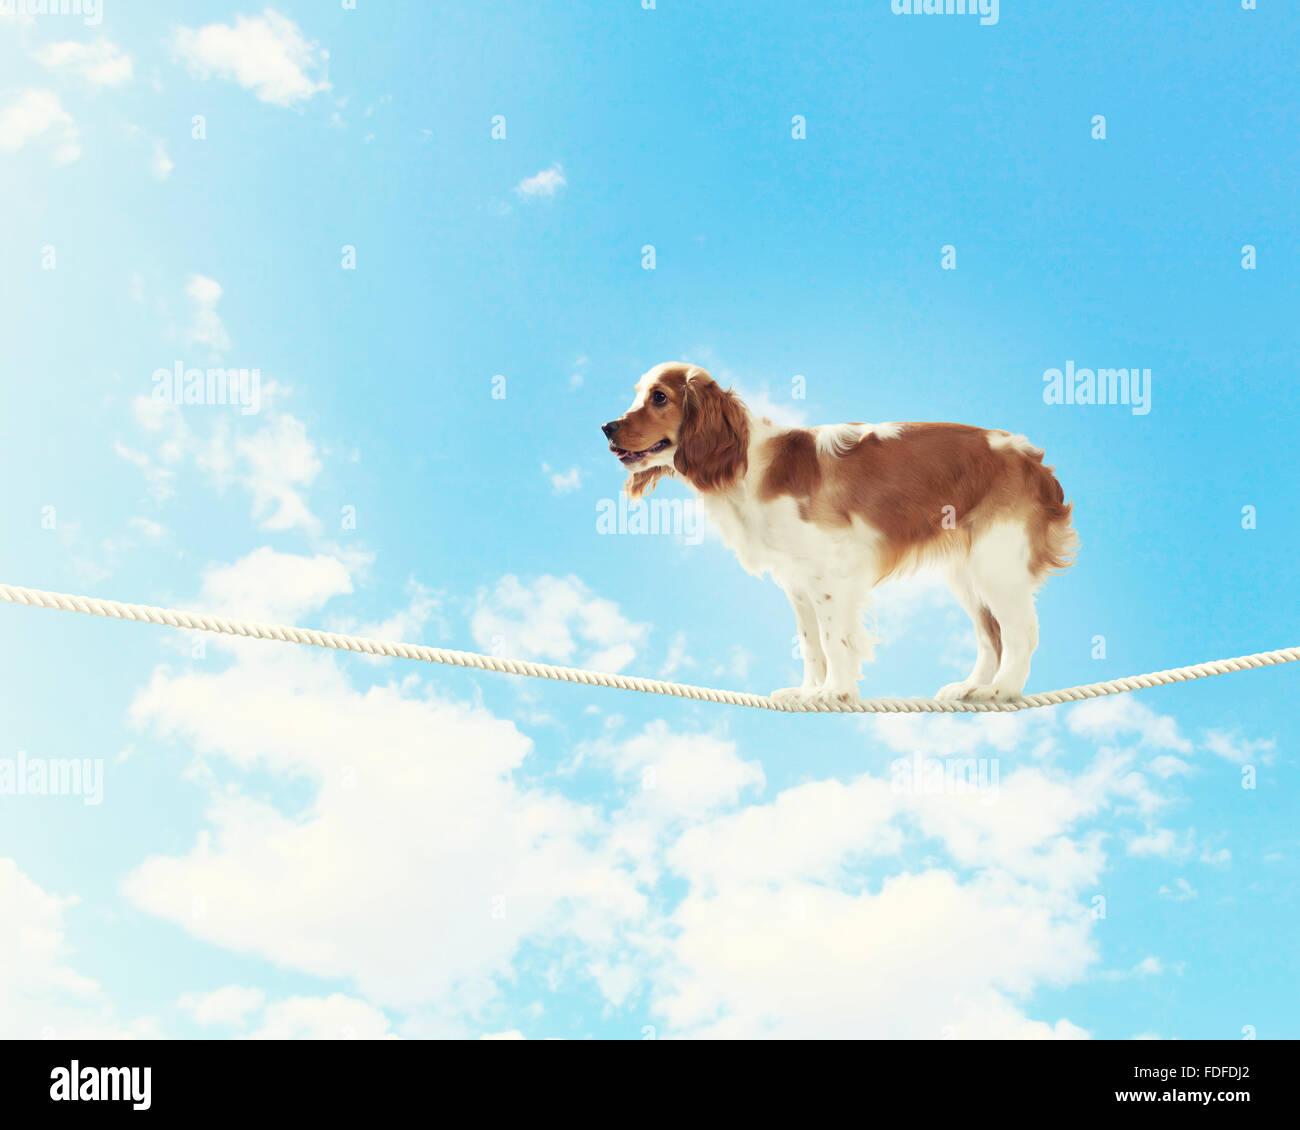 Imagen de perro spaniel equilibrio en cuerda Imagen De Stock